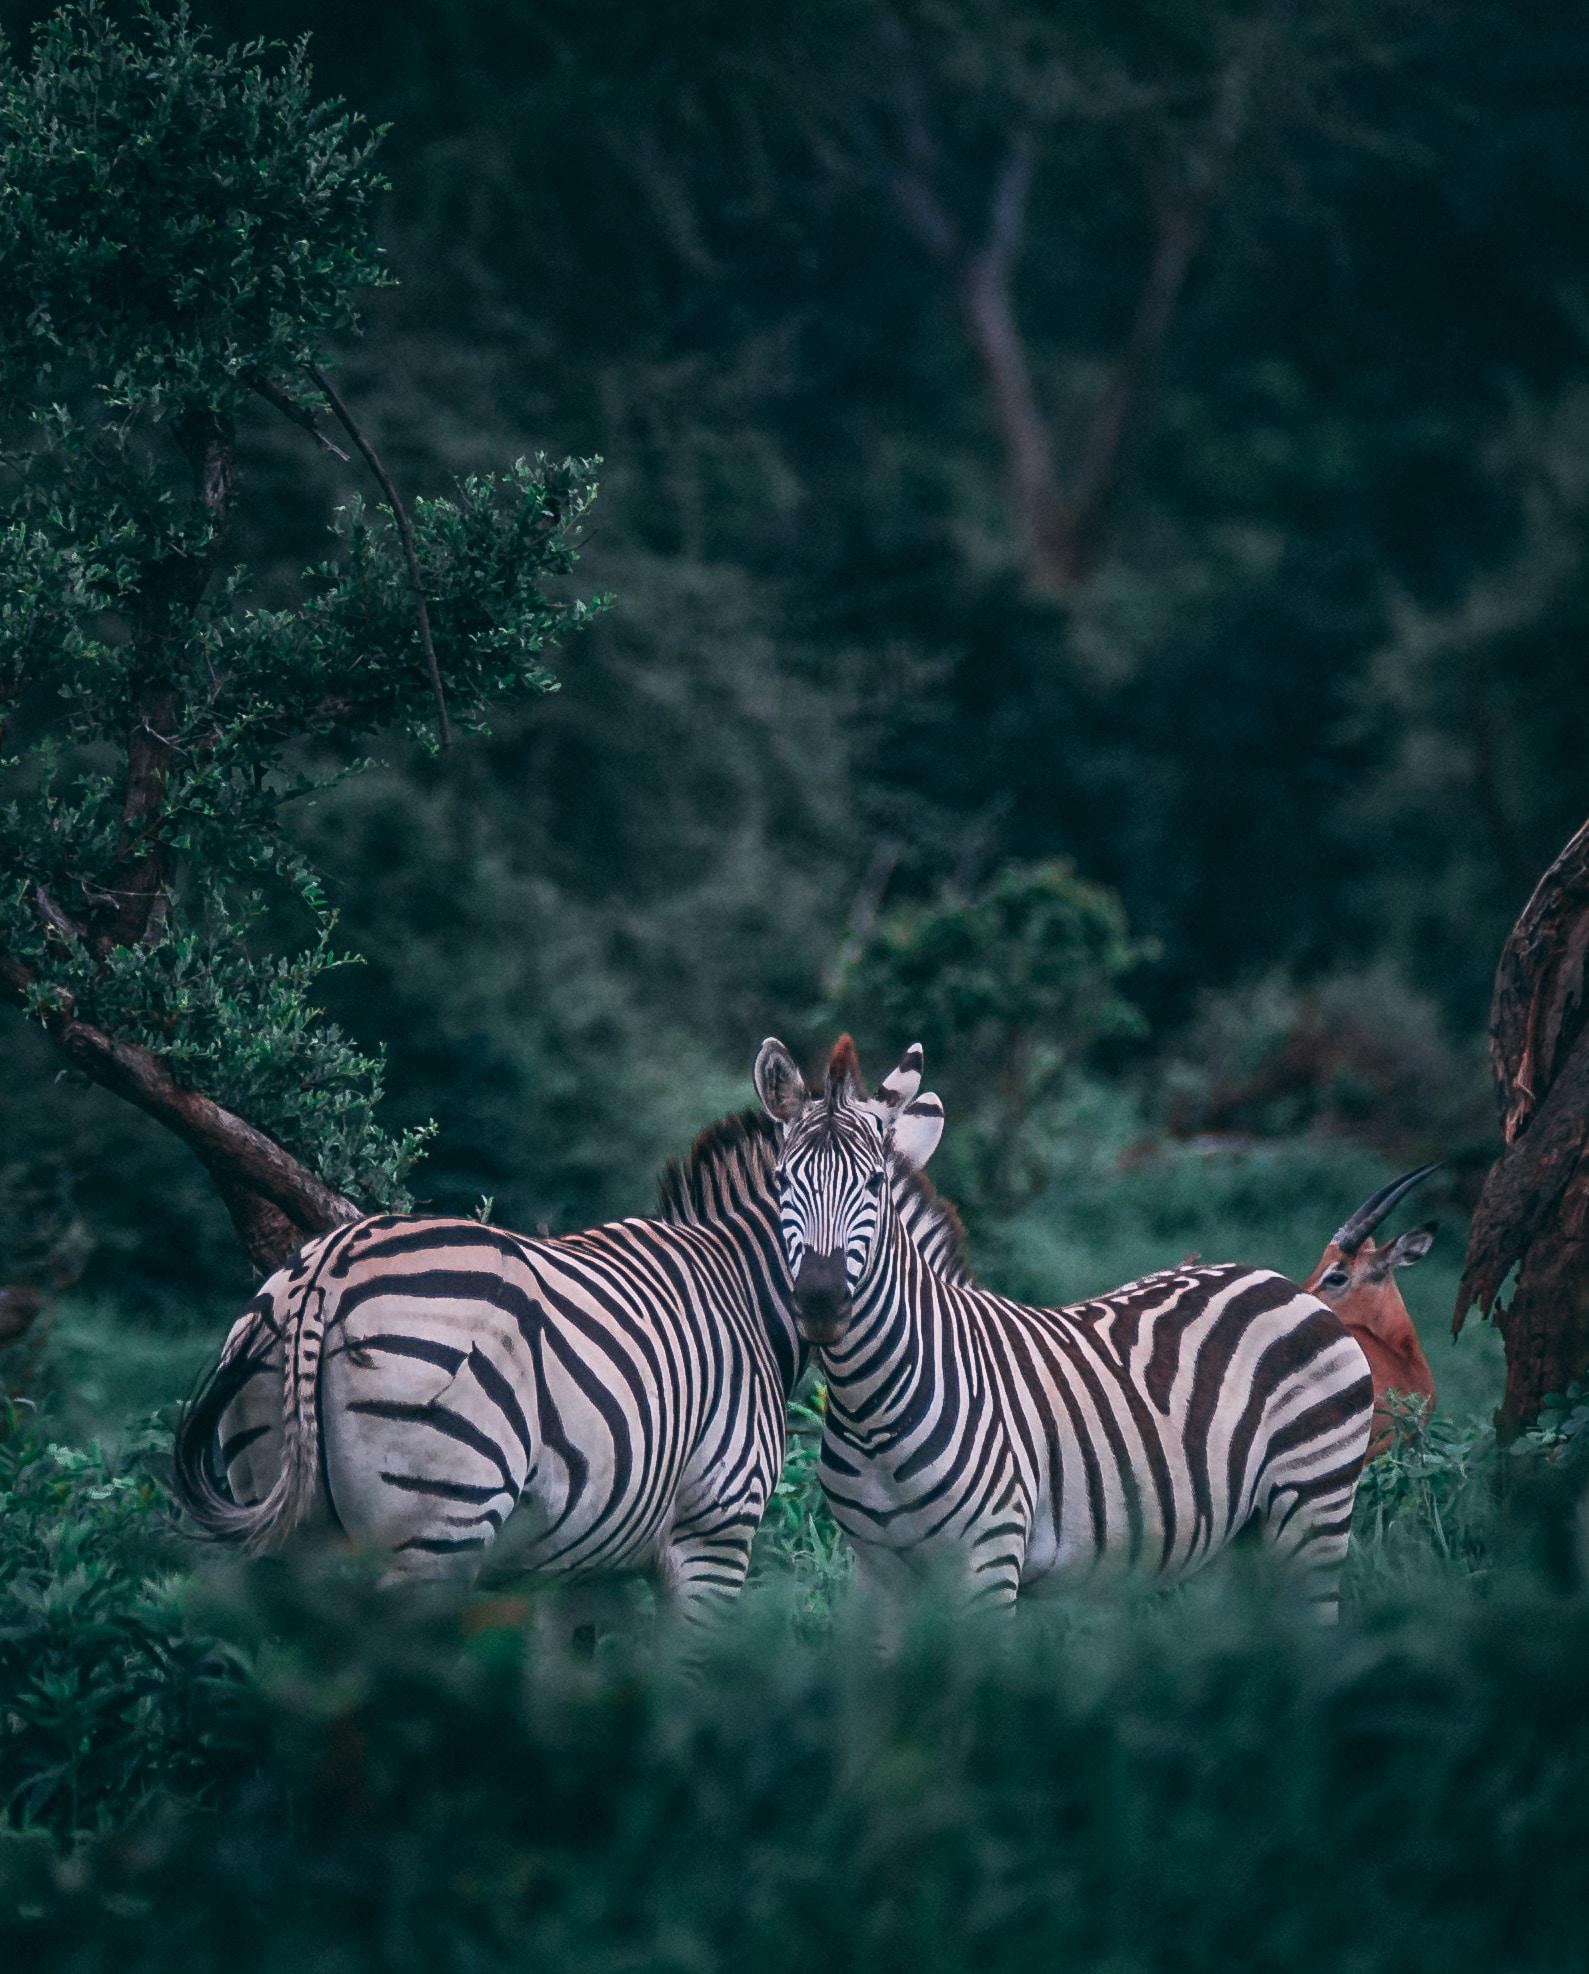 wallpaper Two zebras on grass field